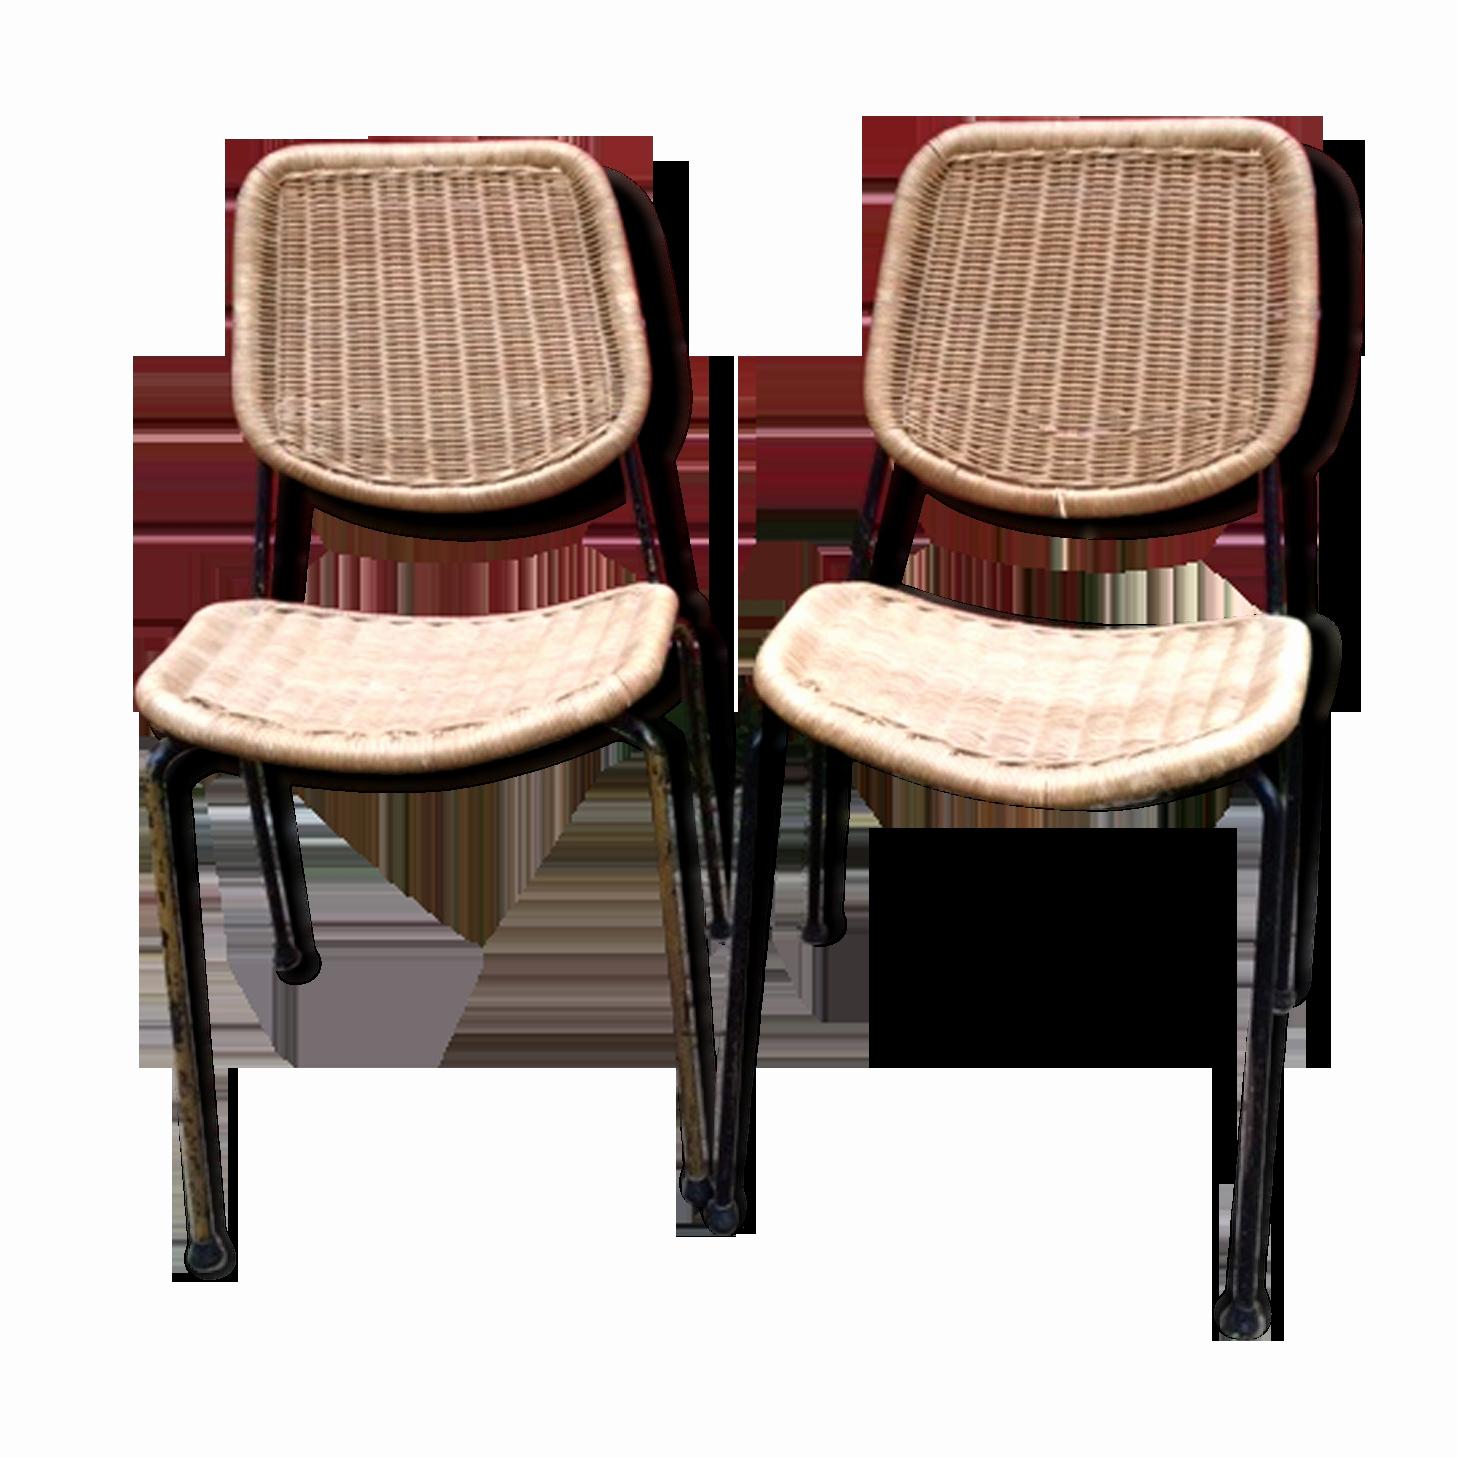 Table Chaise Bar Architecte Interieur Tabouret Doccasion ... concernant Table Et Chaises De Jardin Leclerc